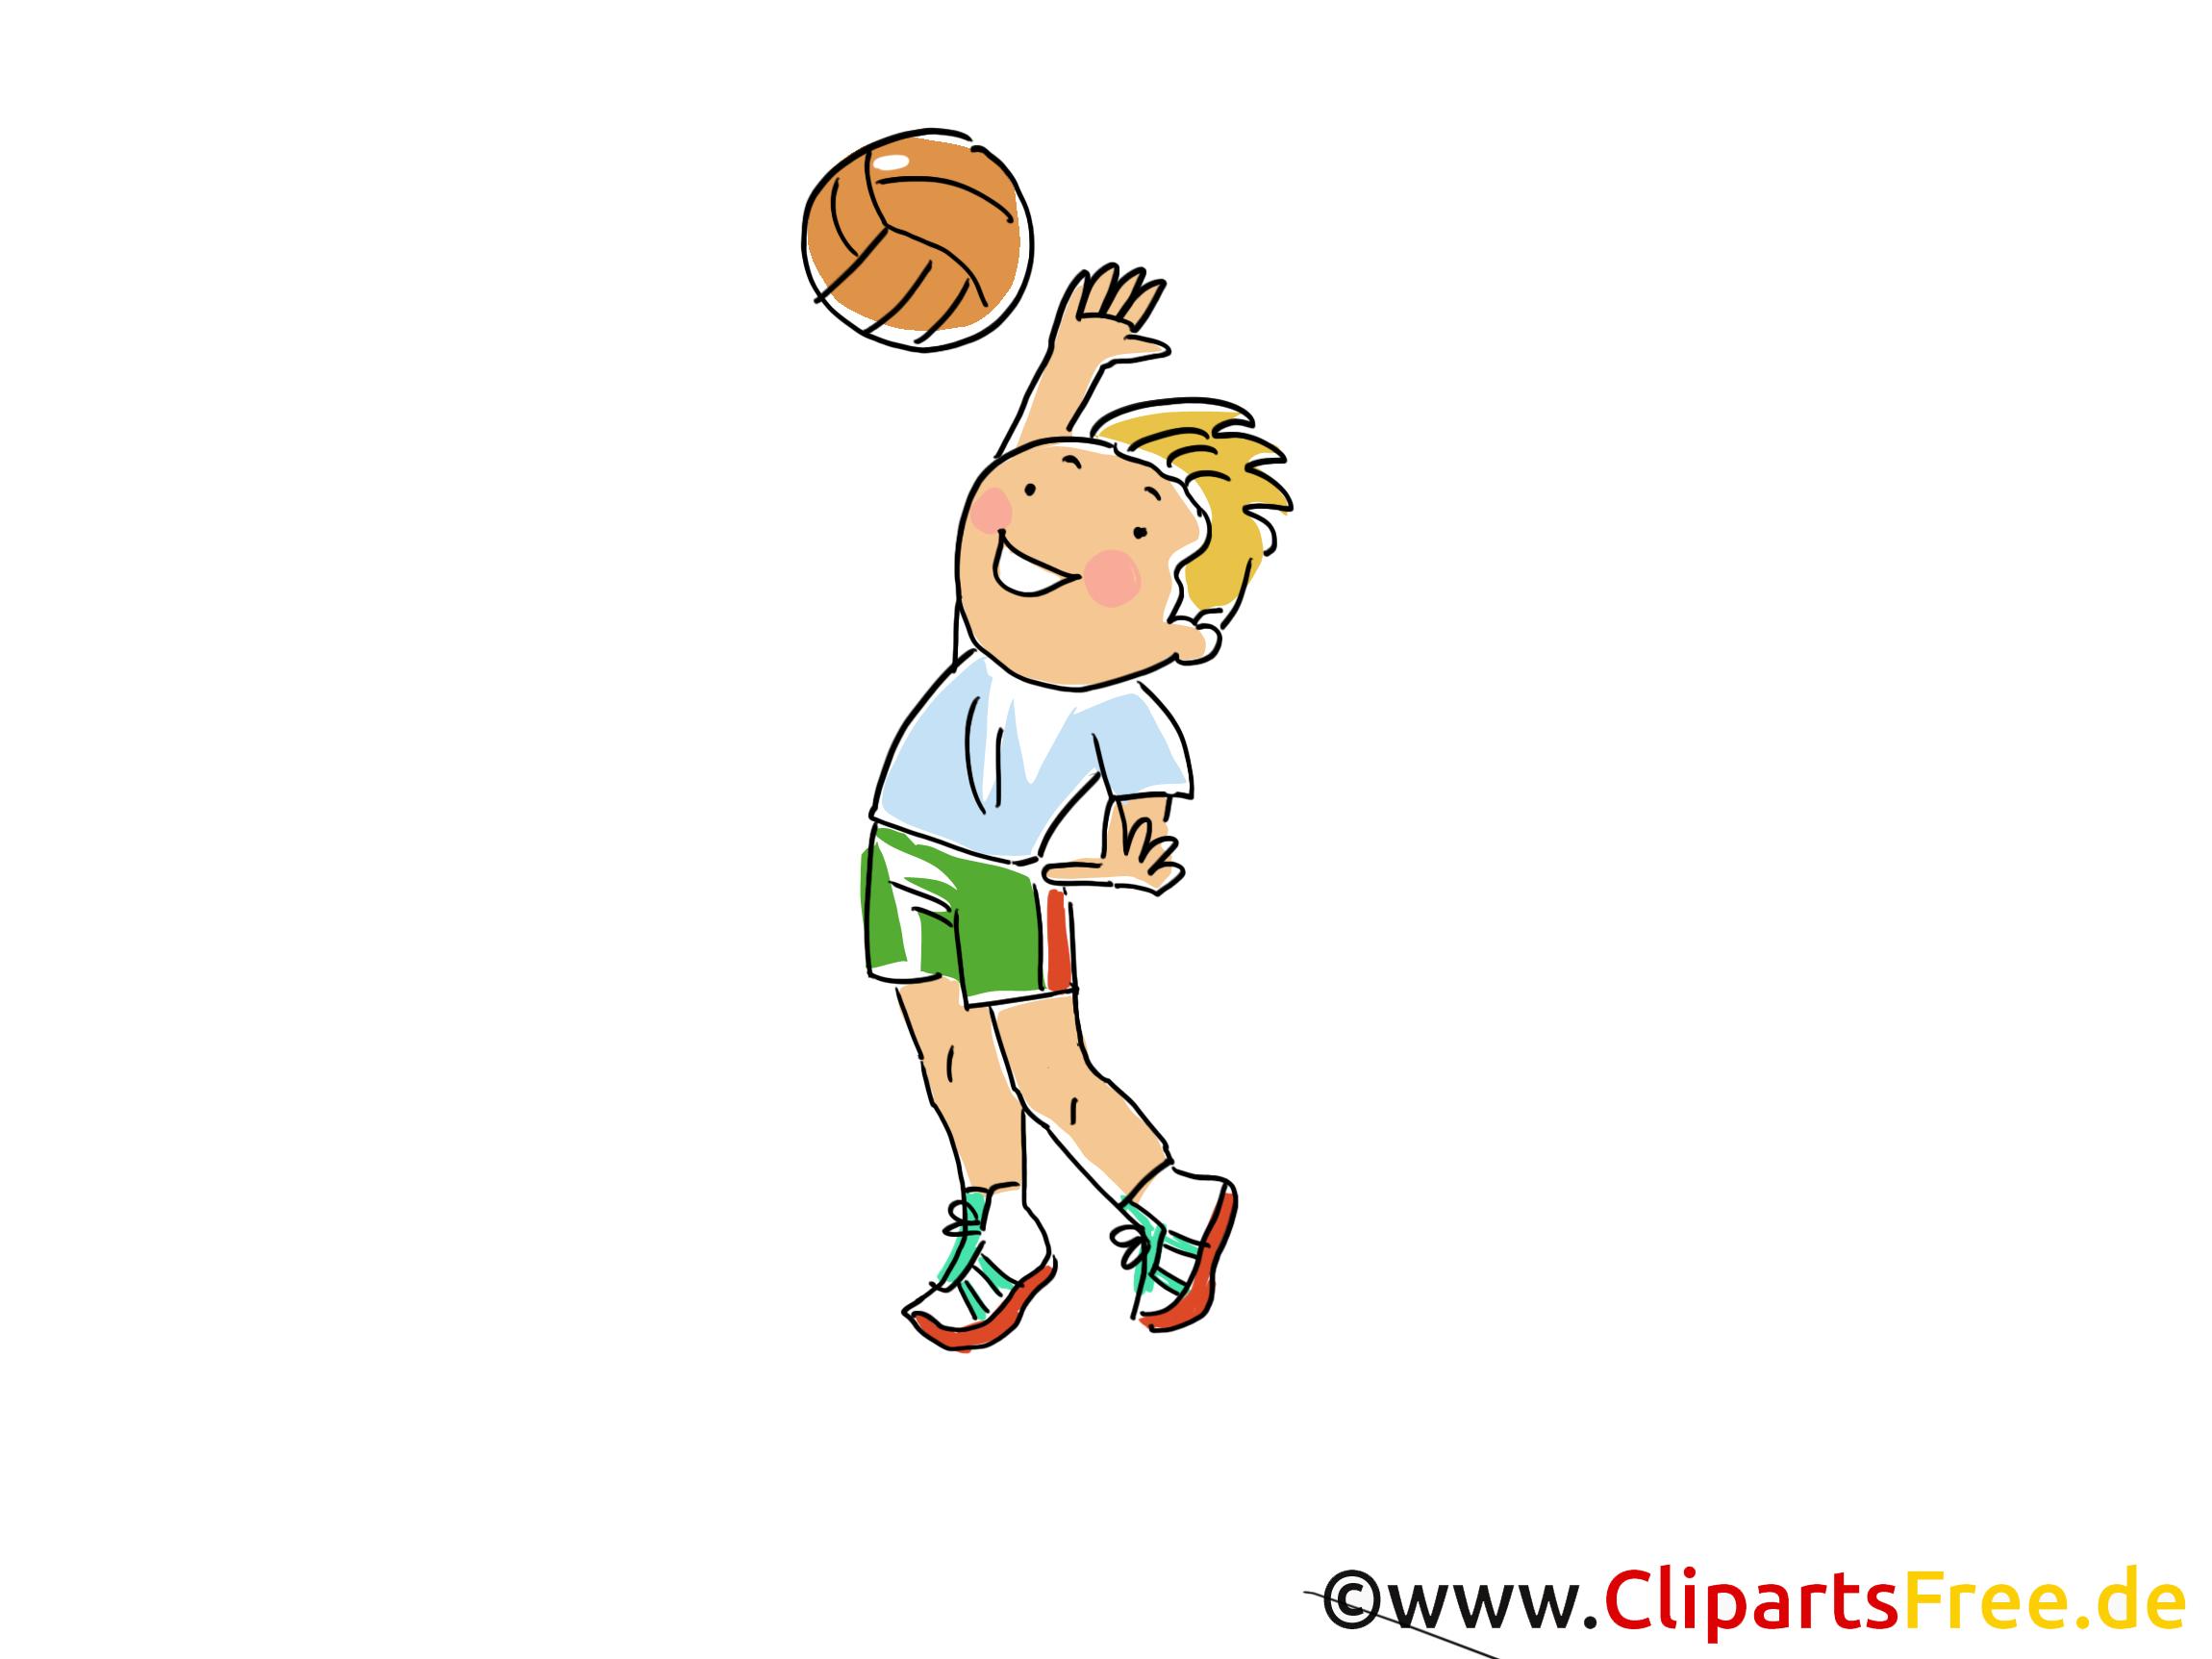 clipart gratuit sport course - photo #48